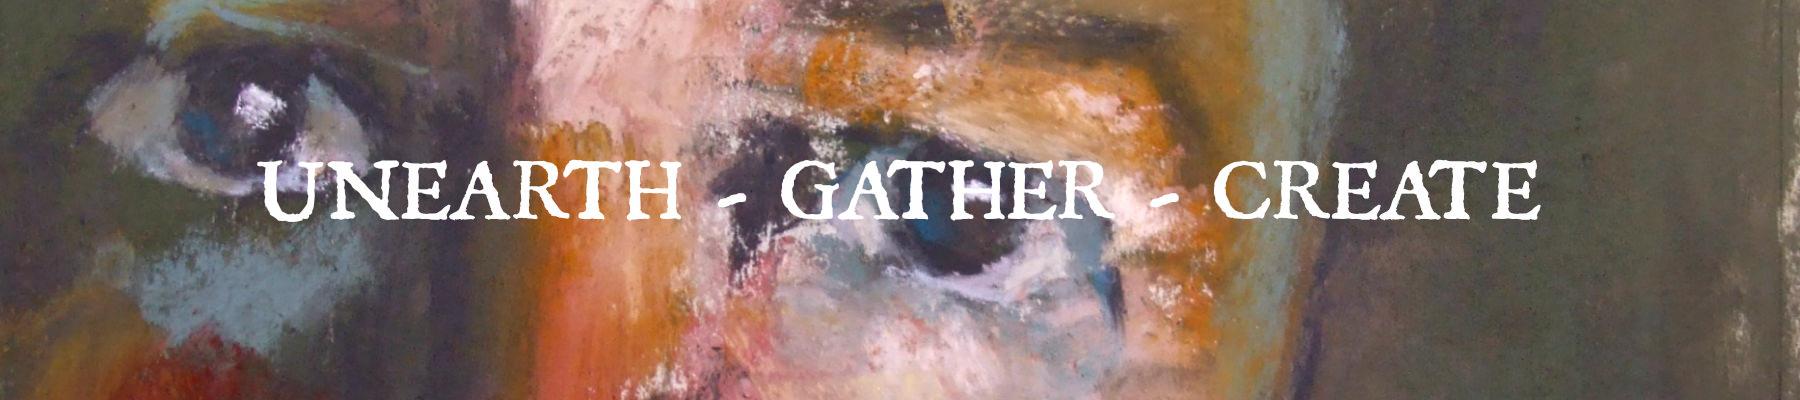 Gillian Lee Smith Unearth Gather Create Ecourse